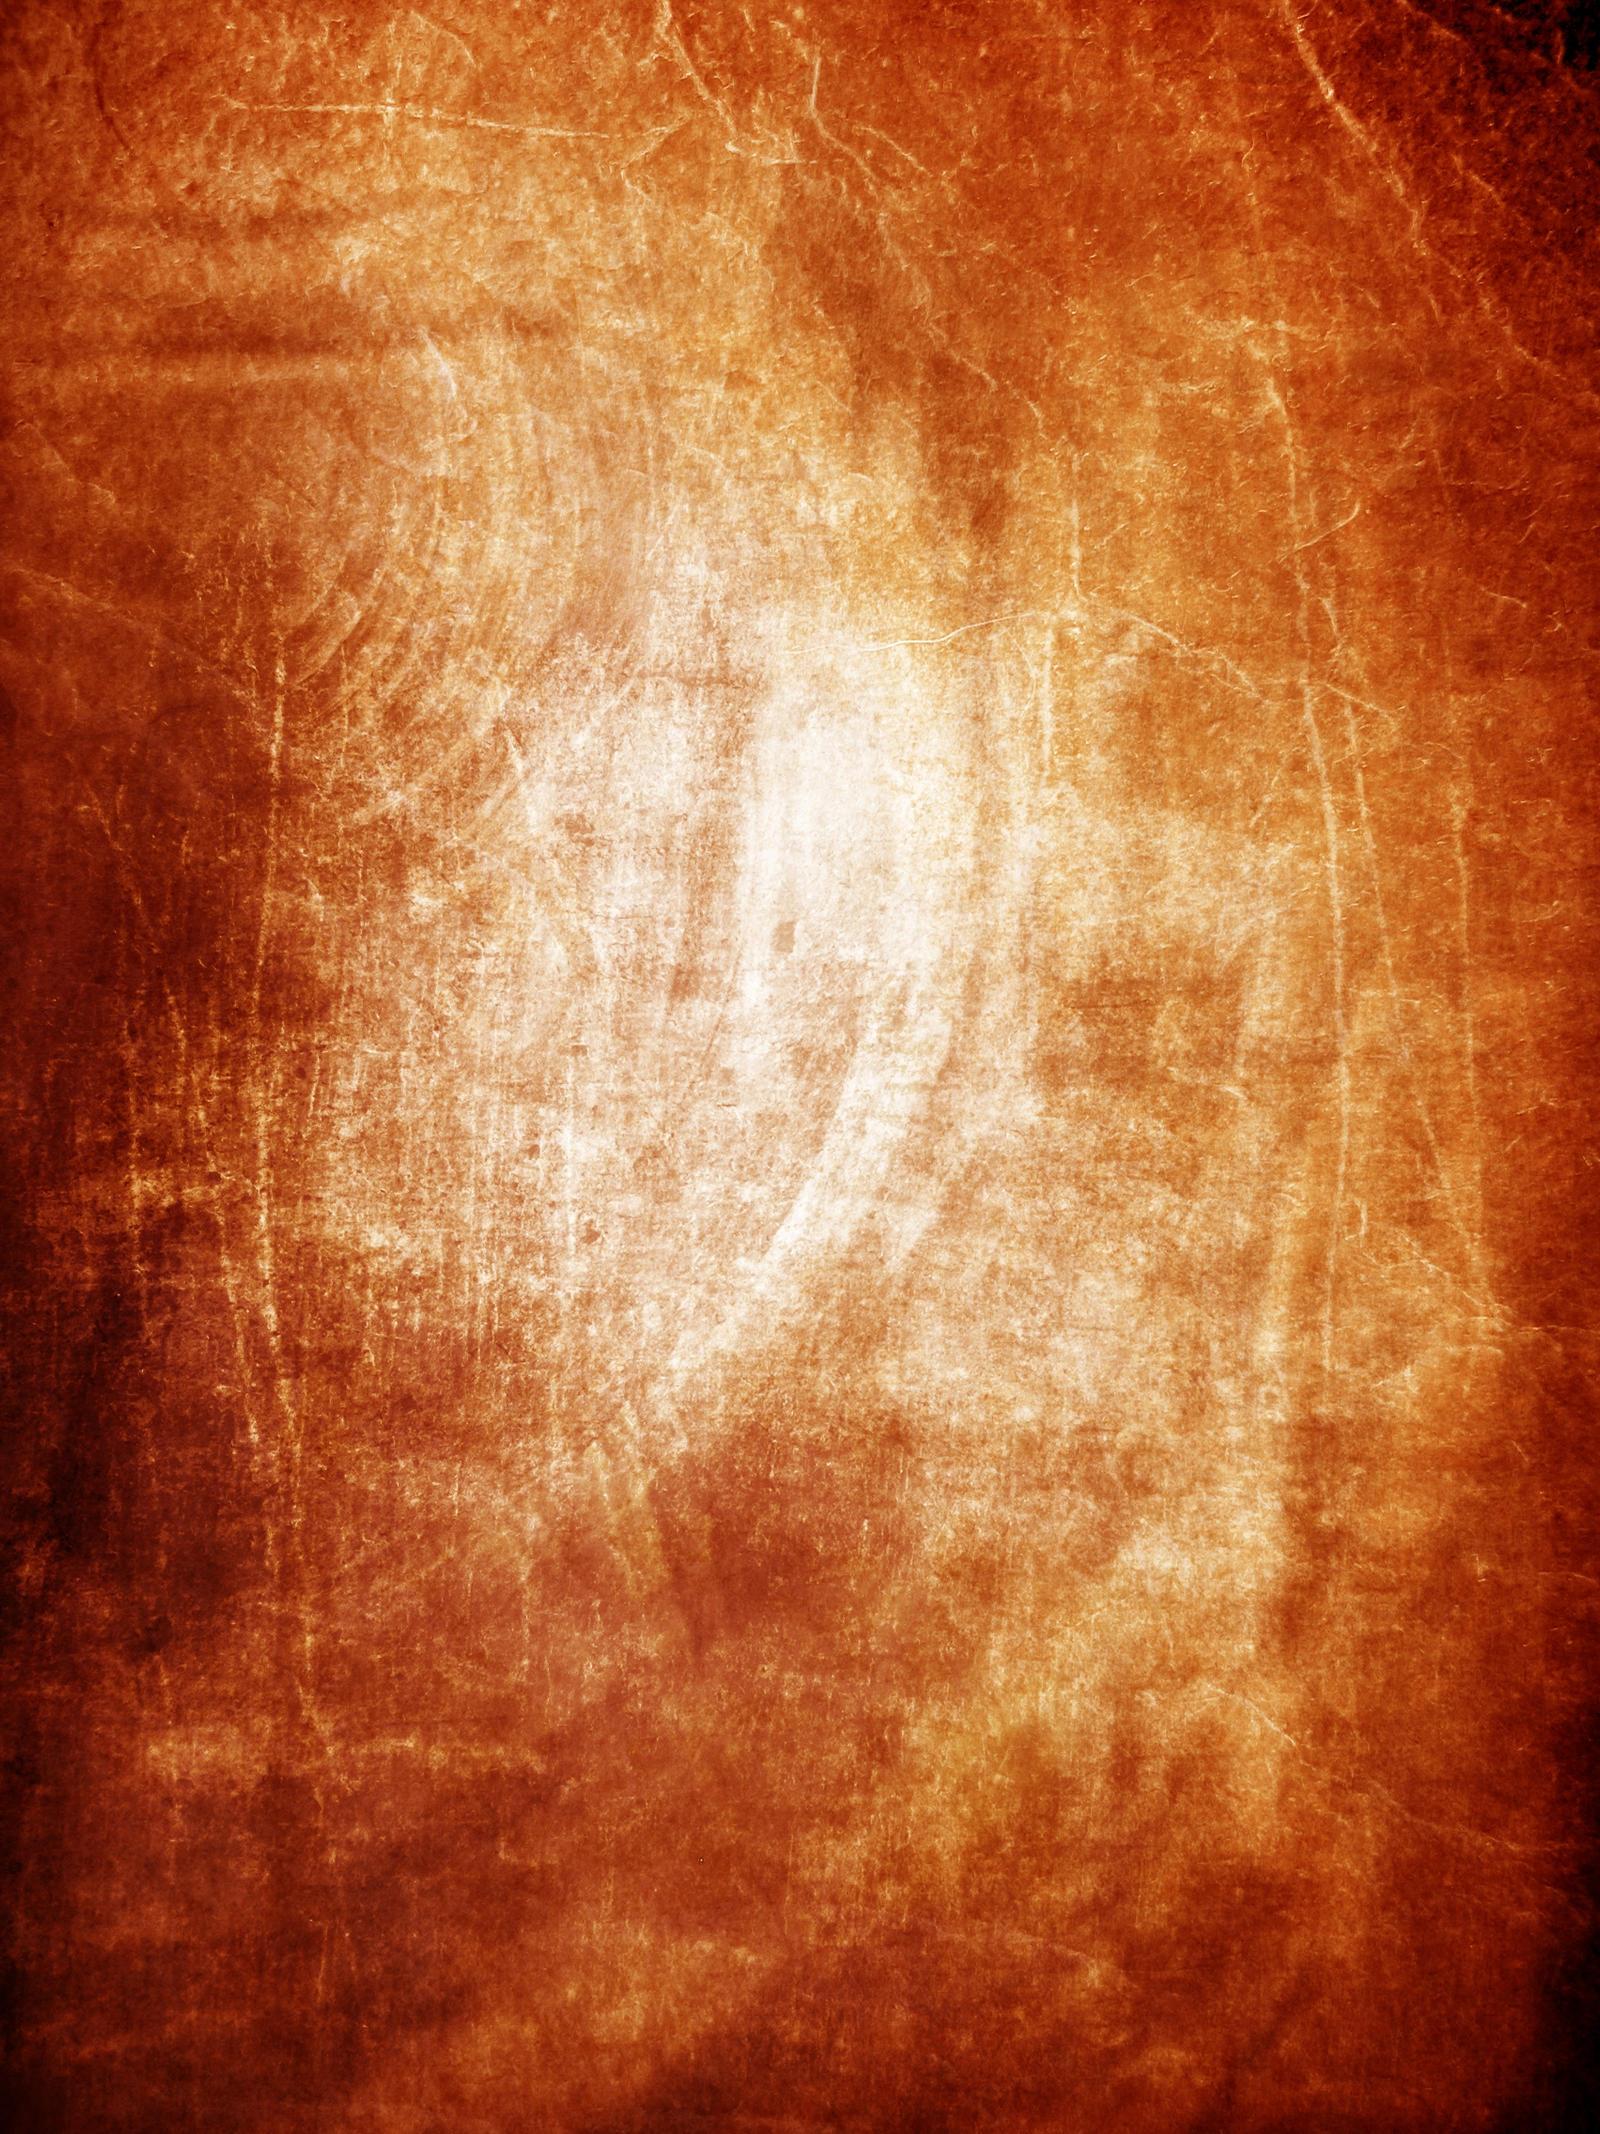 Texture 37 by Sirius-sdz